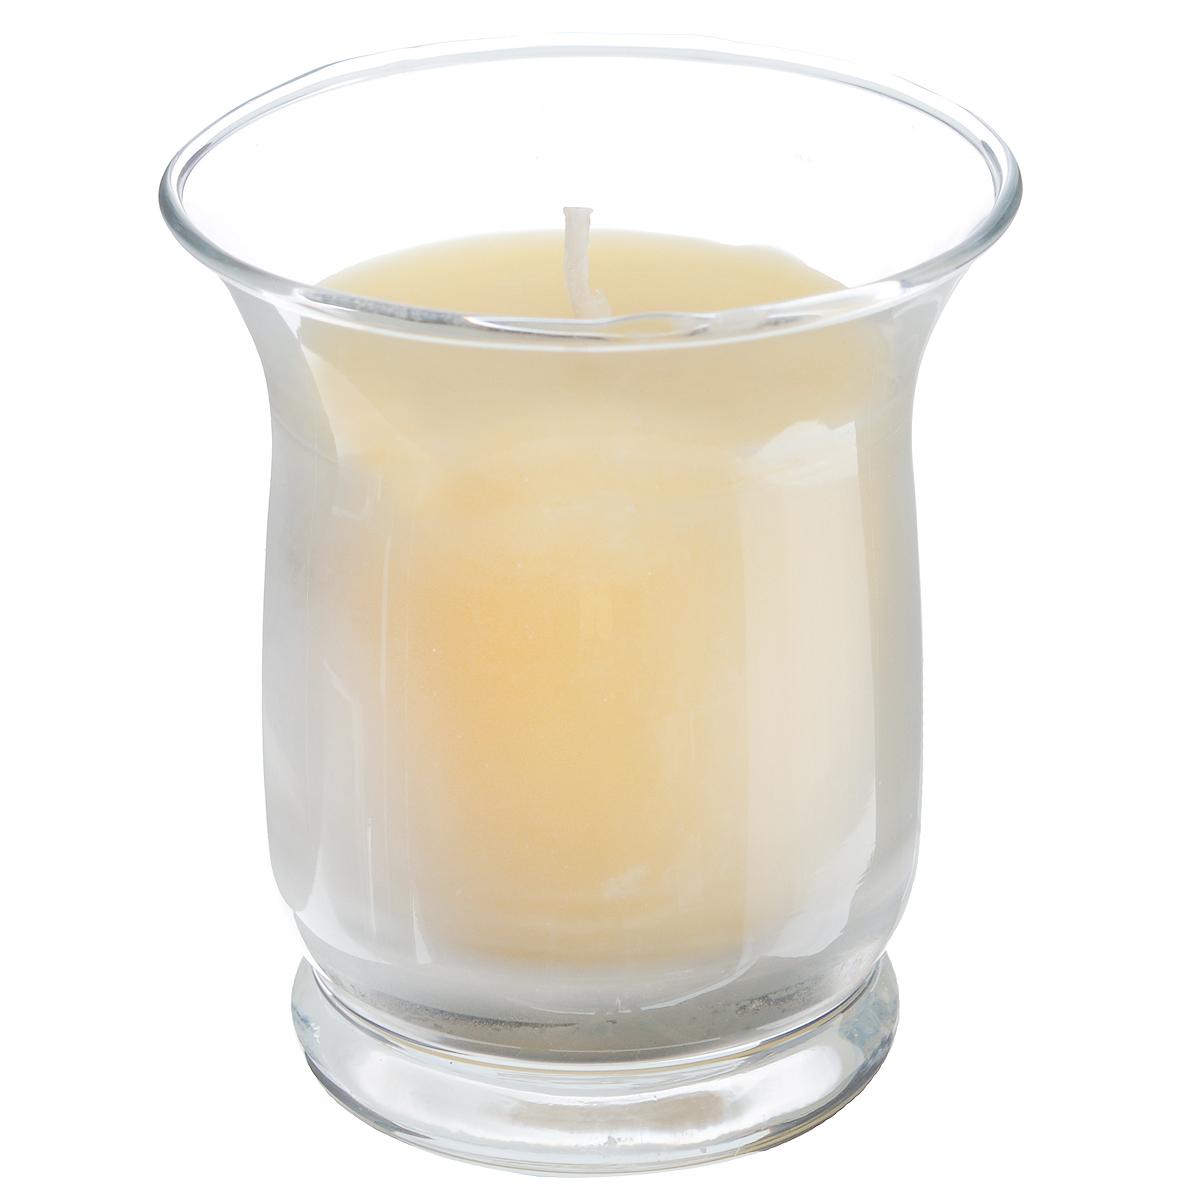 """Ароматизированная свеча в стеклянном стаканчике Sima-land """"Романтика"""" изготовлена из цветного воска. Изделие отличается оригинальным дизайном и приятным ароматом ванили. Такая свеча может стать отличным подарком или дополнить интерьер вашей комнаты."""